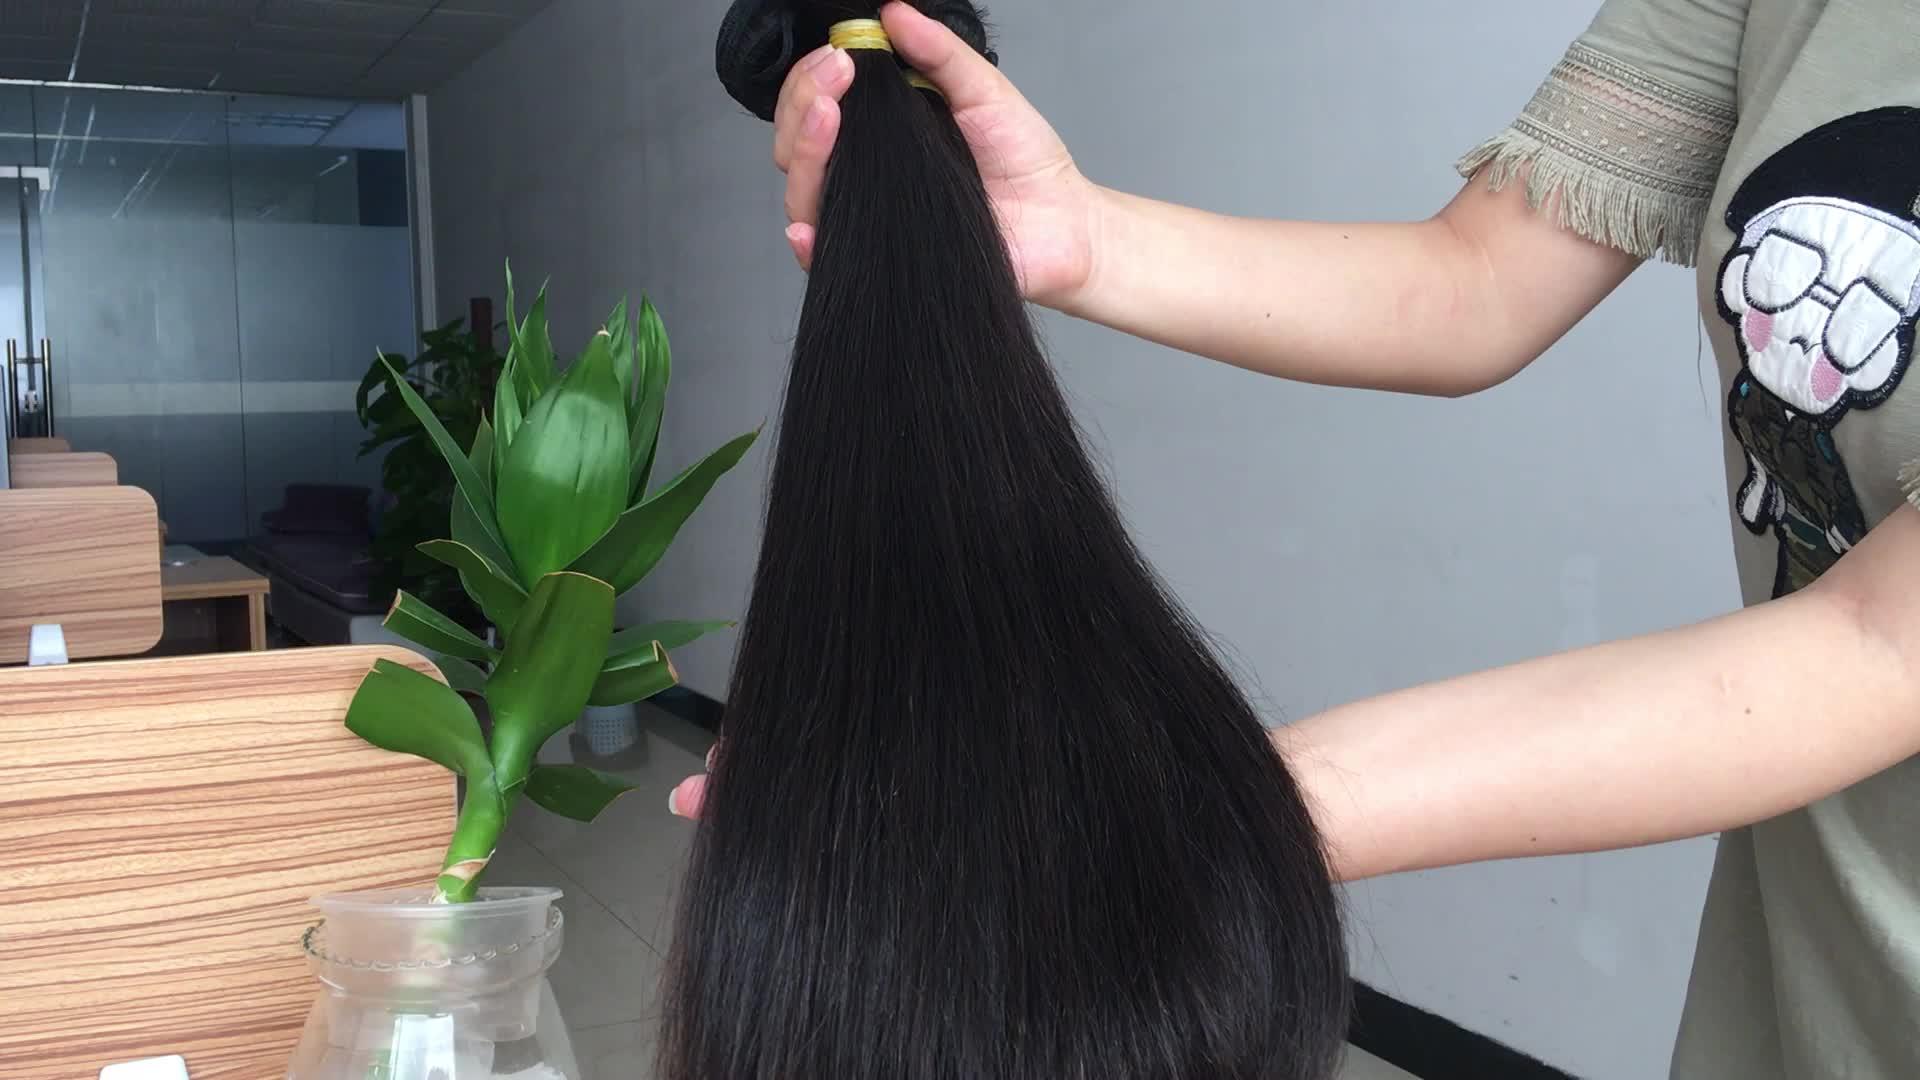 Aliexpress en çok satan ürünler insan saçı örgüsü bakire manikür hizalanmış saç parçaları